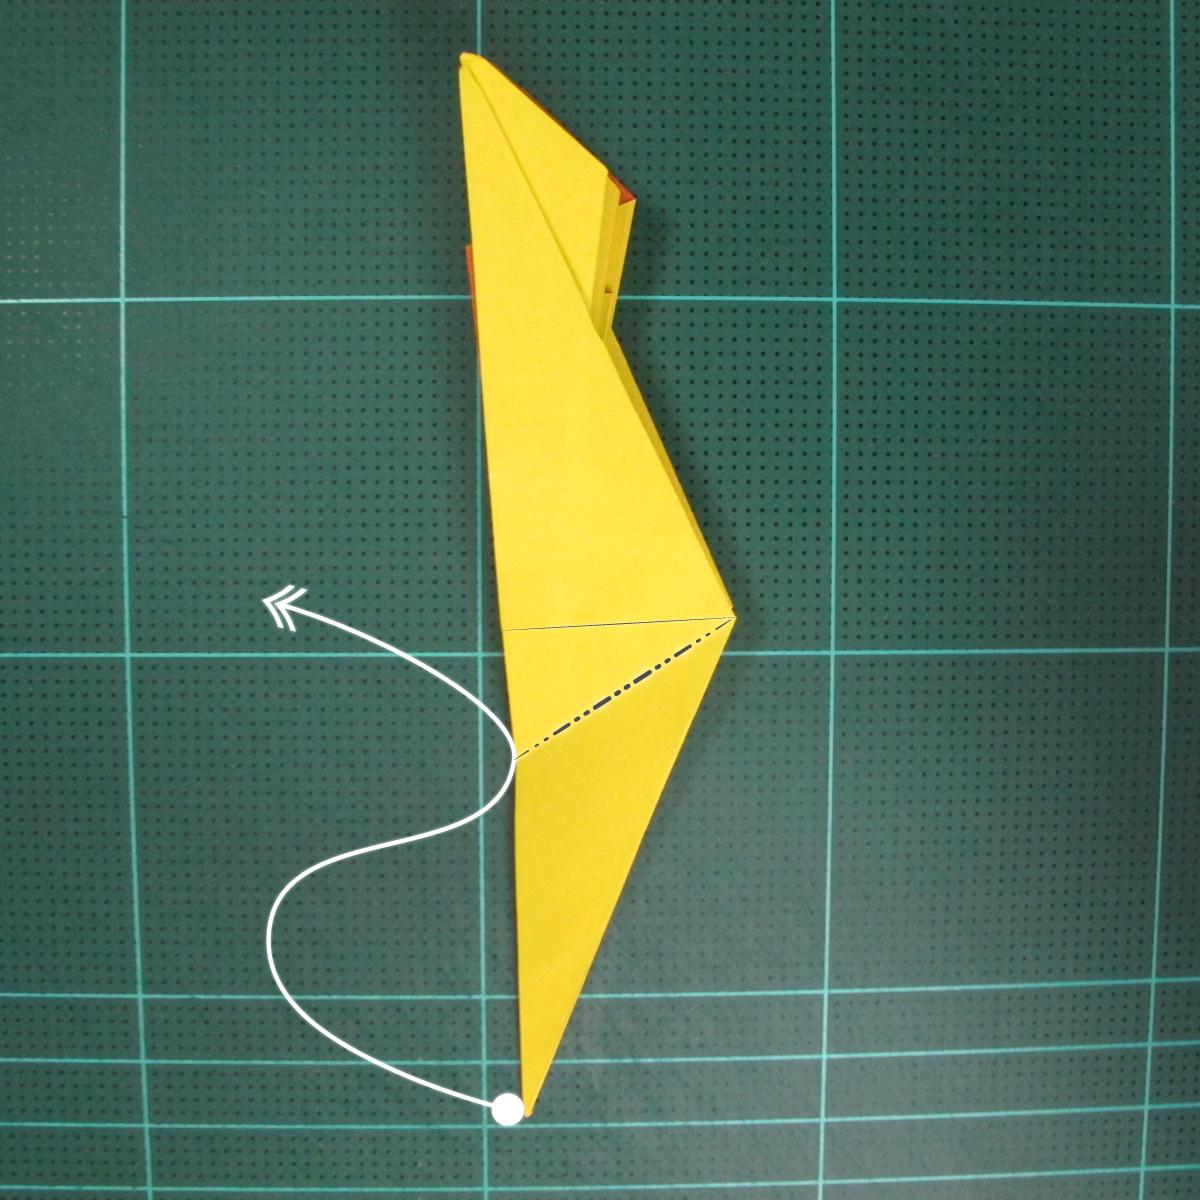 วิธีพับกระดาษเป็นรูปนกยูง (Origami Peacock - ピーコックの折り紙) 024